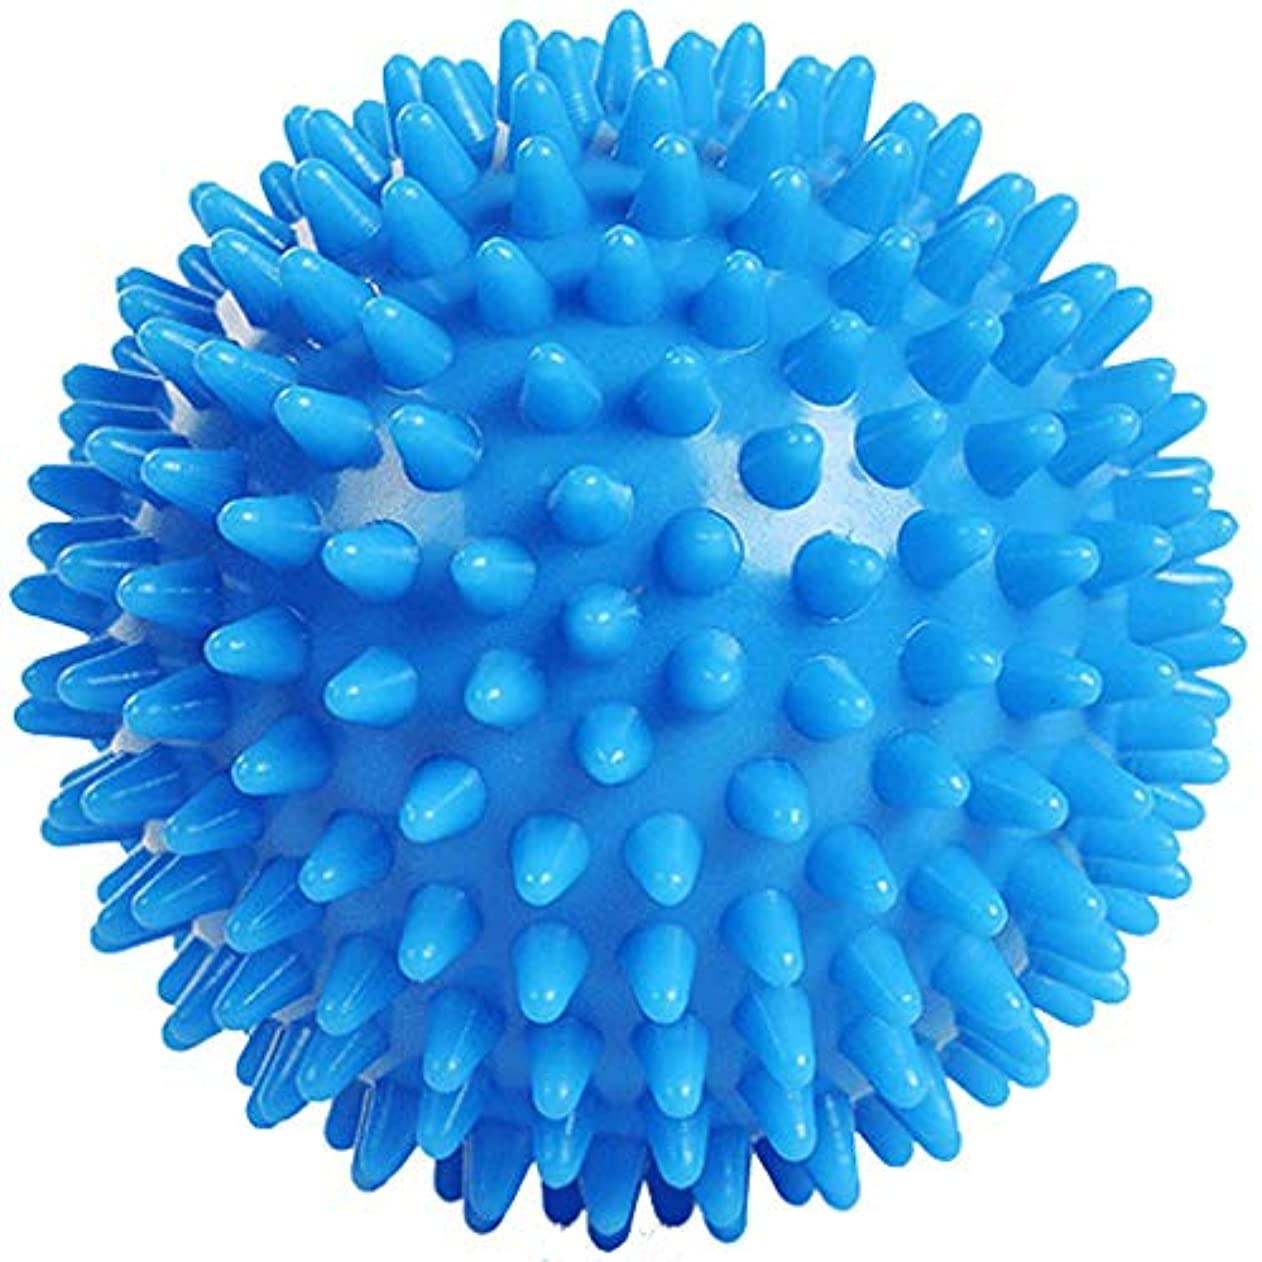 ホース割り当てる収まるKOROWA リフレックスボール 触覚ボール 足裏手 背中のマッサージボール リハビリ マッサージ用 血液循環促進 筋肉緊張 圧迫で解きほぐす